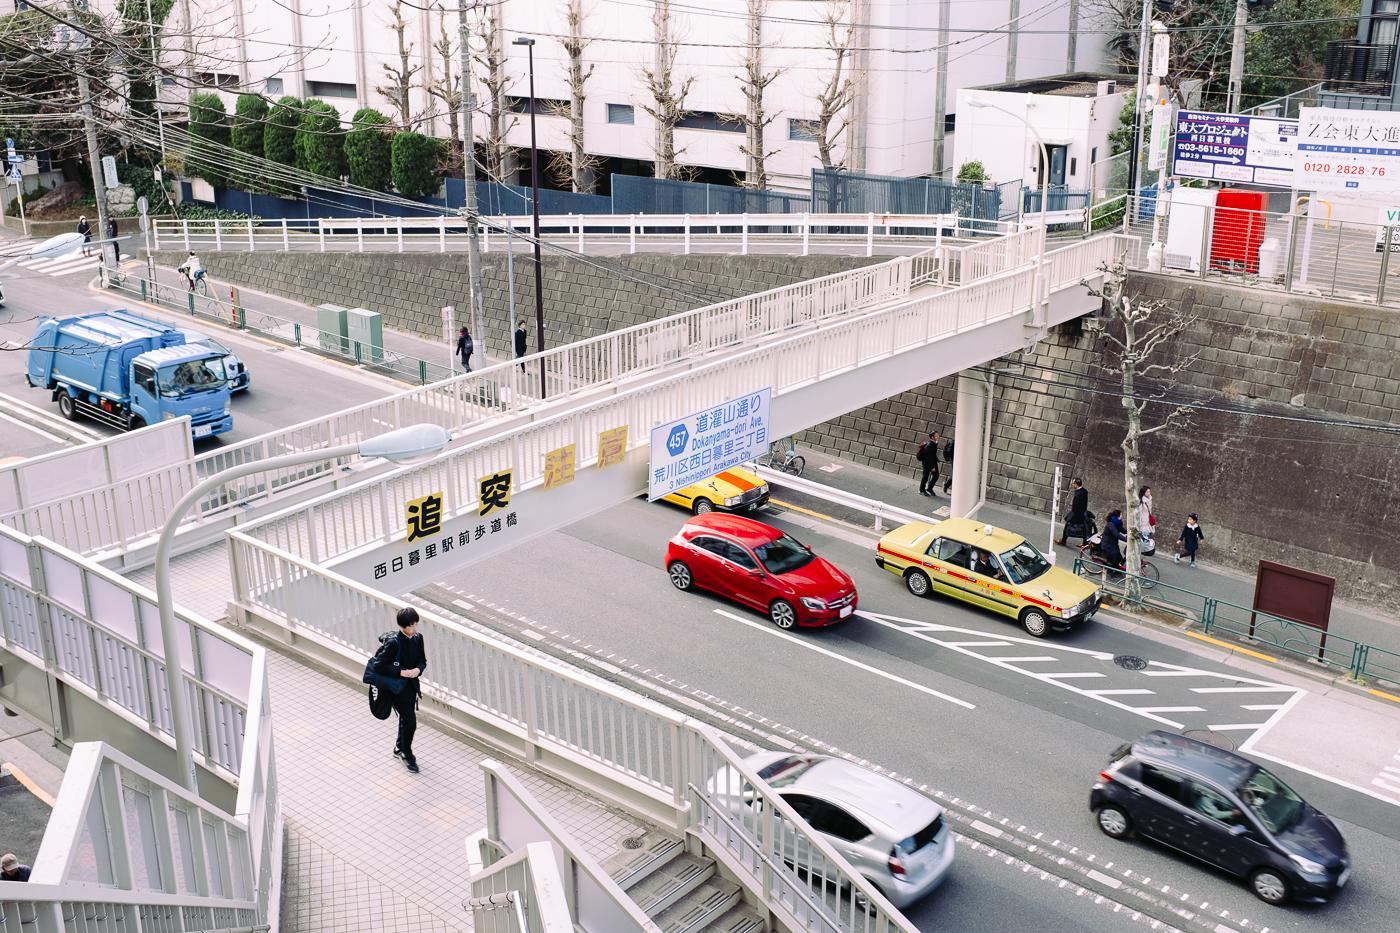 Les rues propres de Tokyo aux abords de la gare de Nishi Nippori